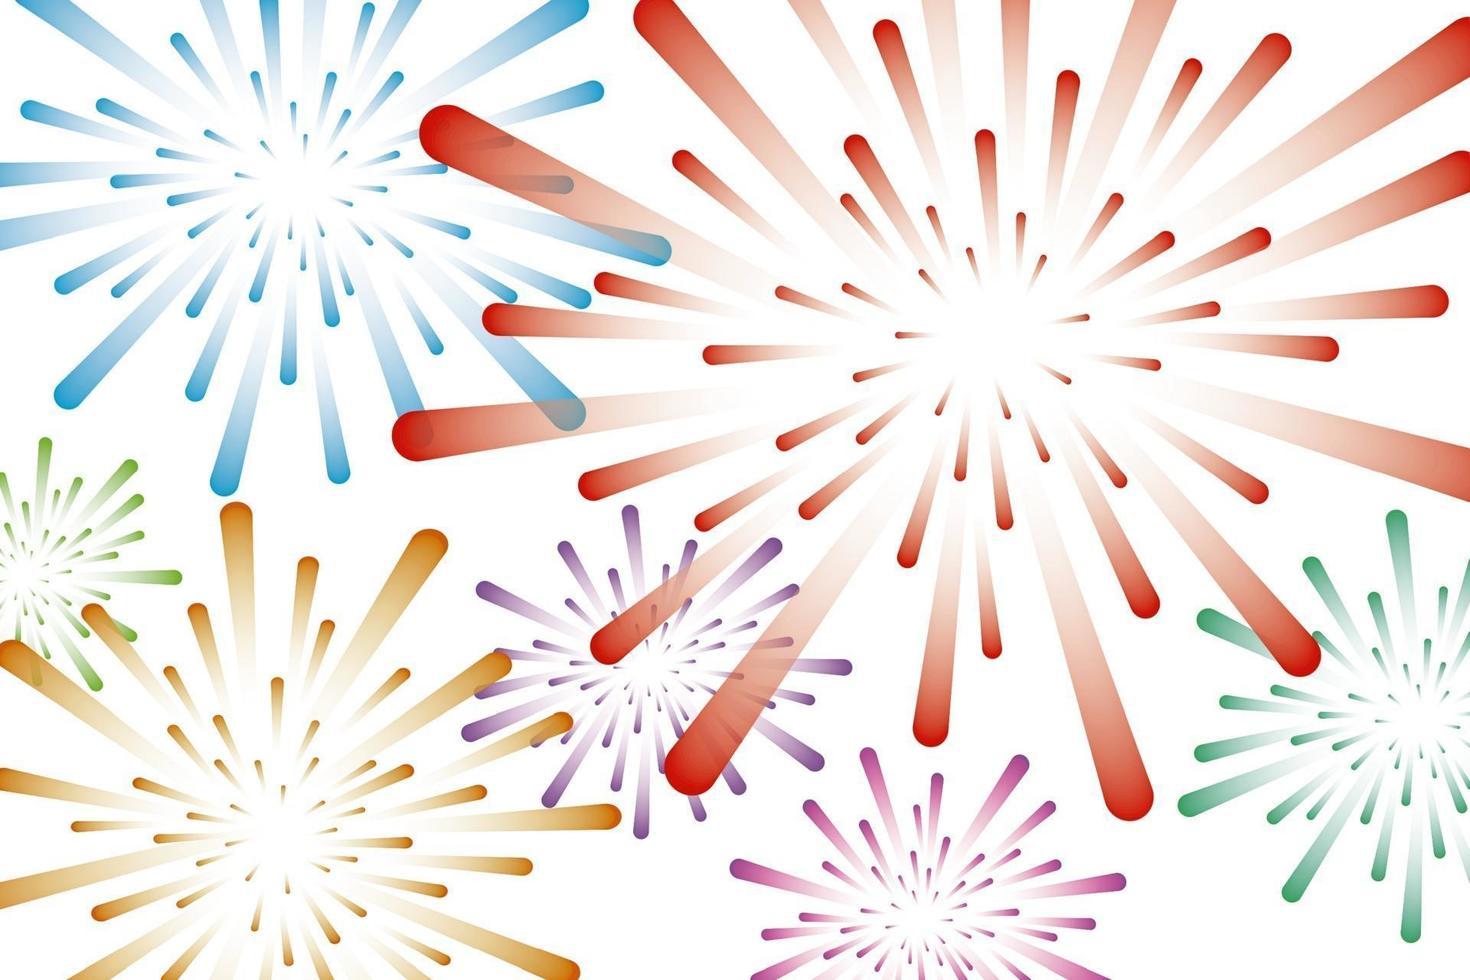 ilustração vetorial de fundo colorido de fogos de artifício vetor